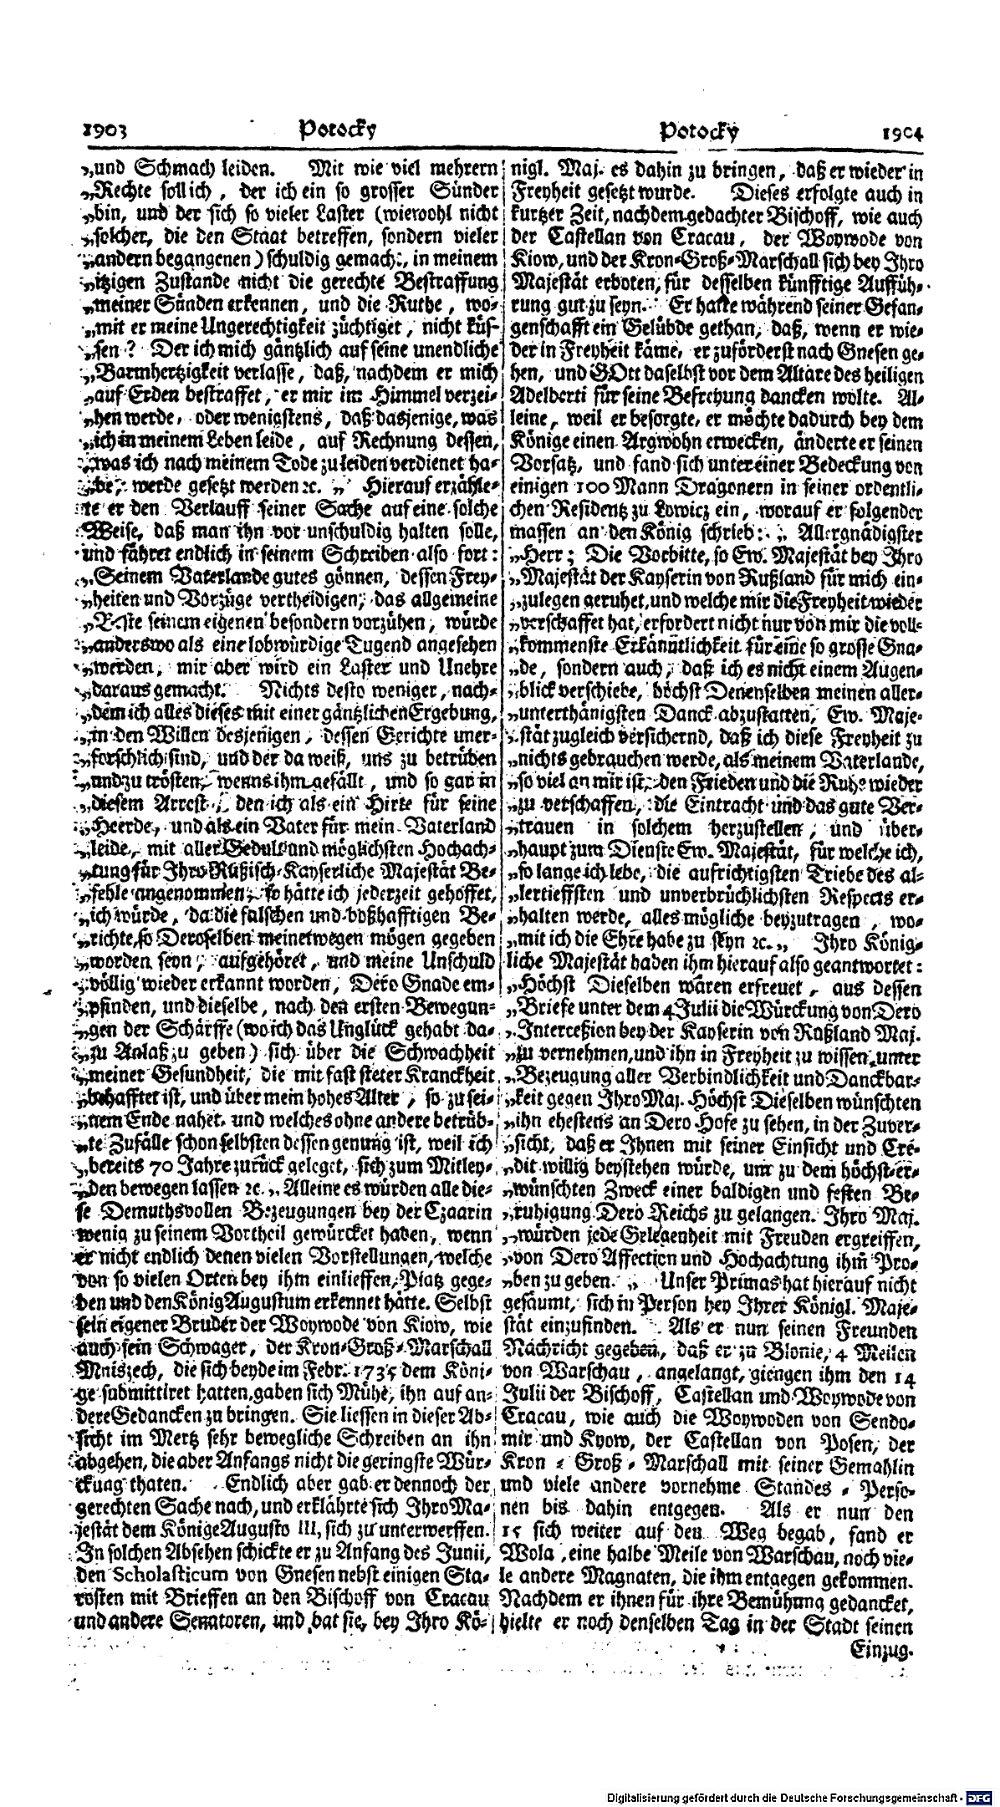 Bd. 28, Seite 0965.